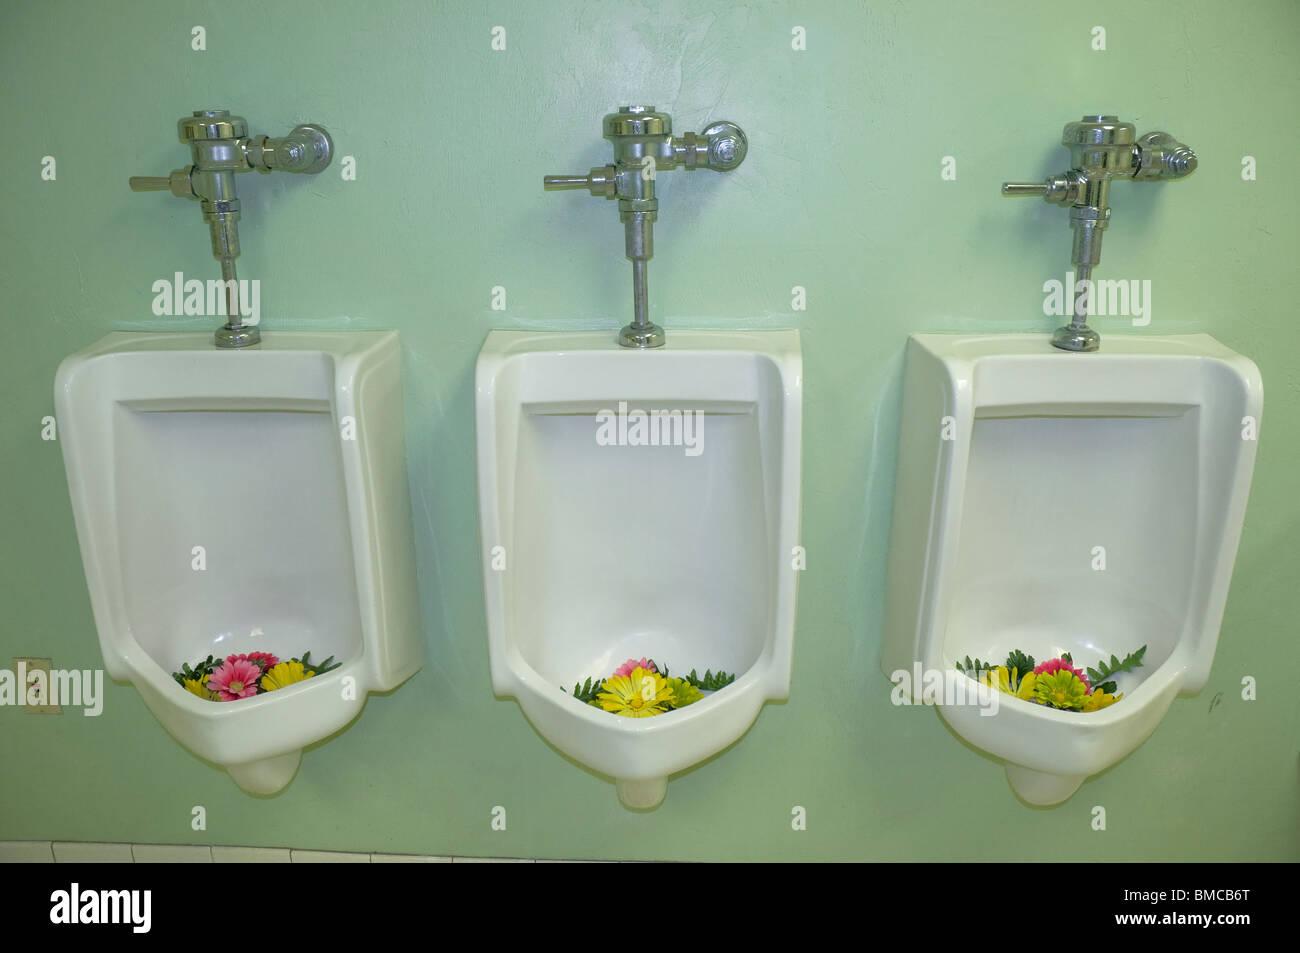 Las mujeres toman más de baño para hombres e instalar flores en urinarios Imagen De Stock